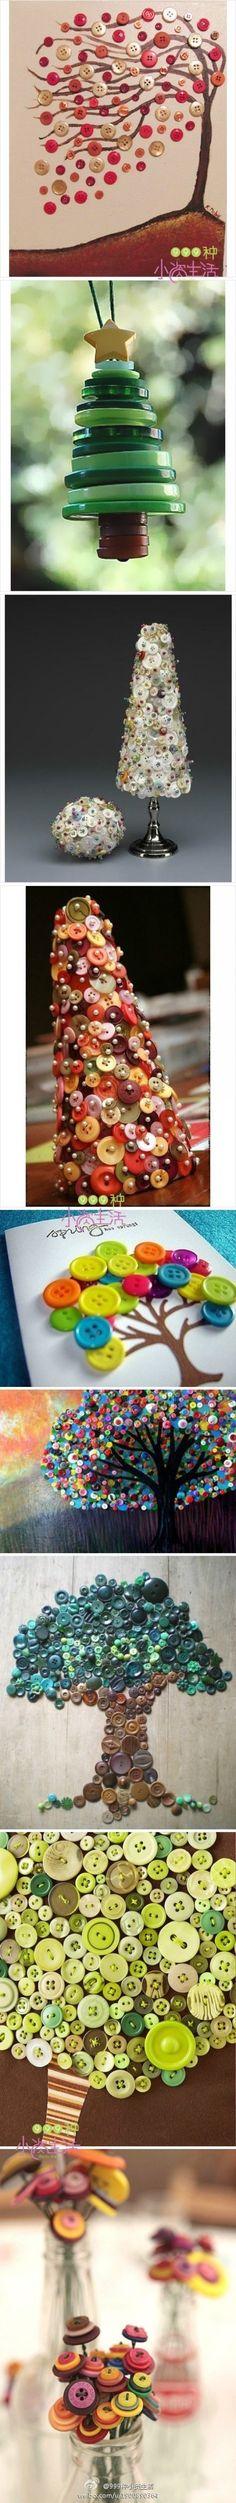 Inspirerend   bomen gemaakt van knopen Door imkesuir